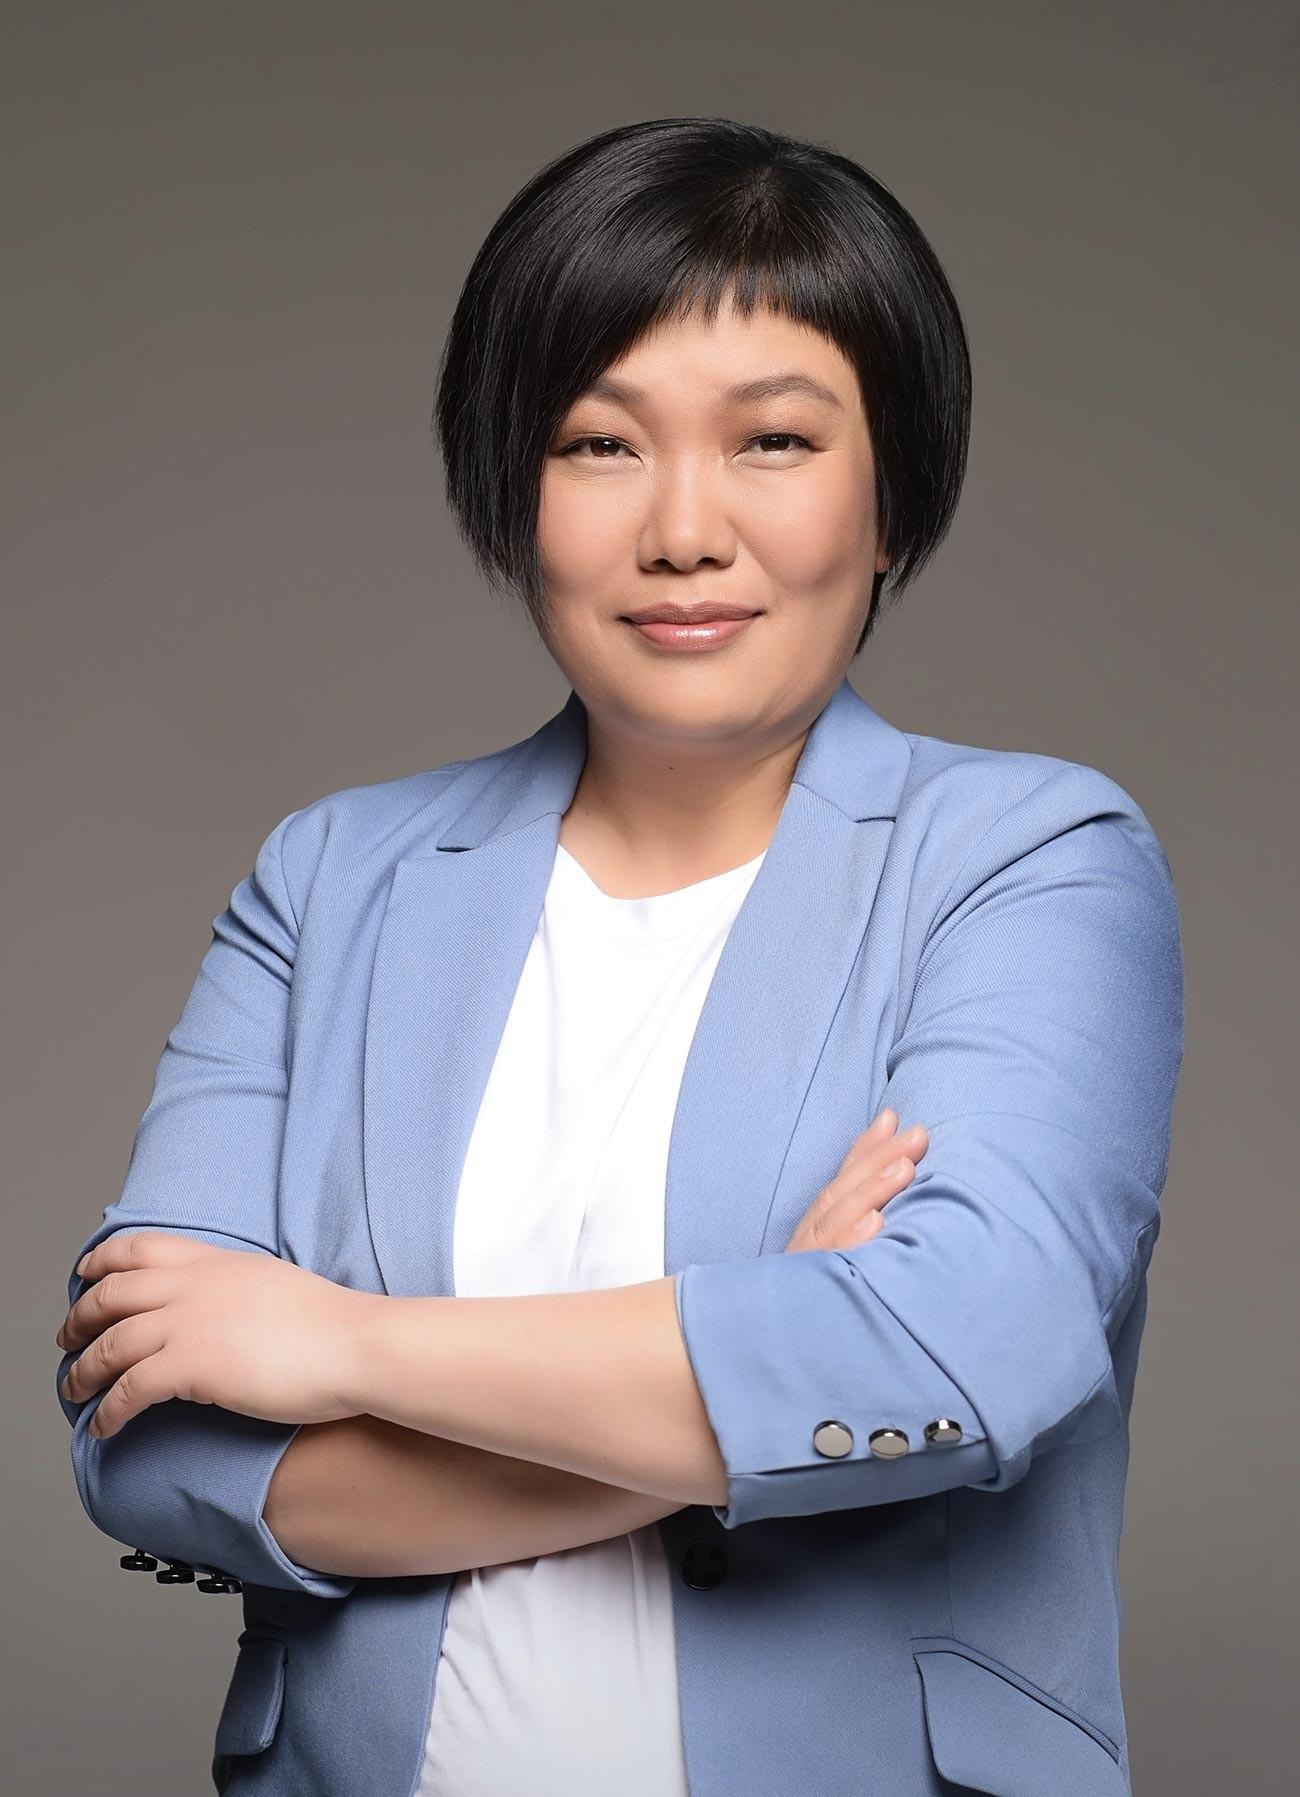 Татјана Бакаљчук, генерални директор и власница највеће руске онлајн продавнице Wildberries, са процењеном вредношћу од 1,2 милијарде долара, постала је друга жена милијардер у Русији